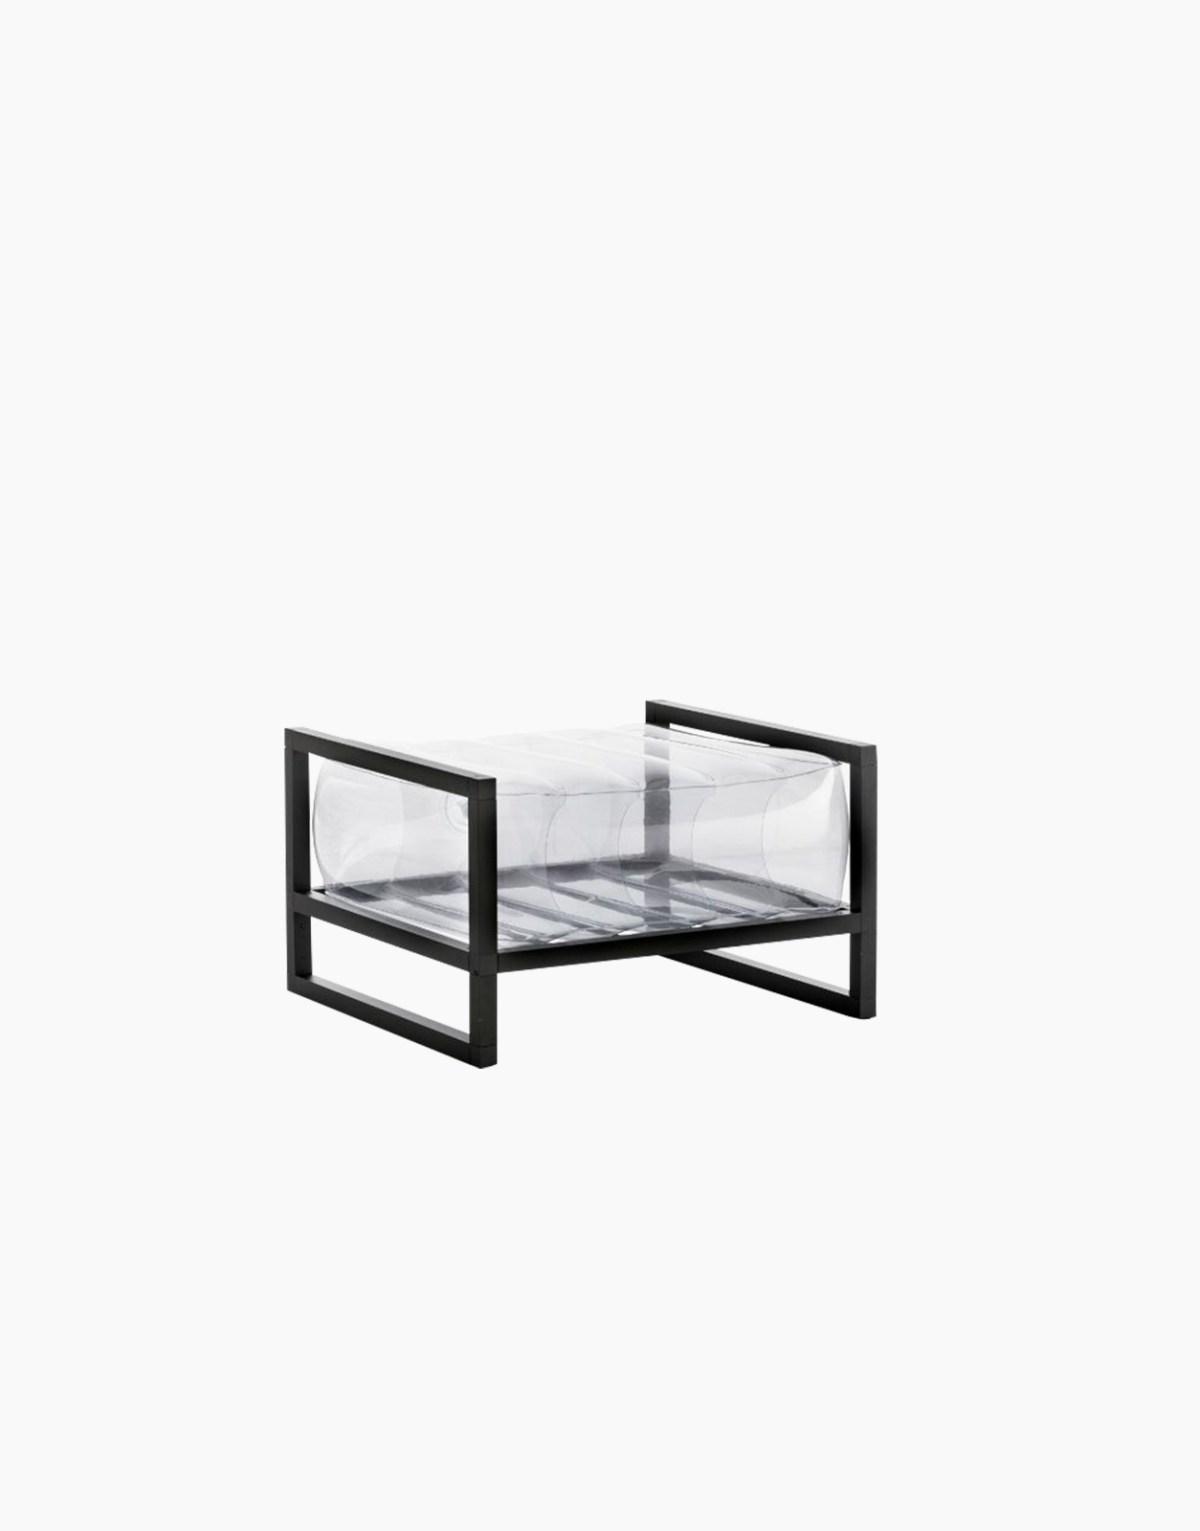 Revendeur de Mojow solution design fr mobilier assises fauteuil Yoko transparent